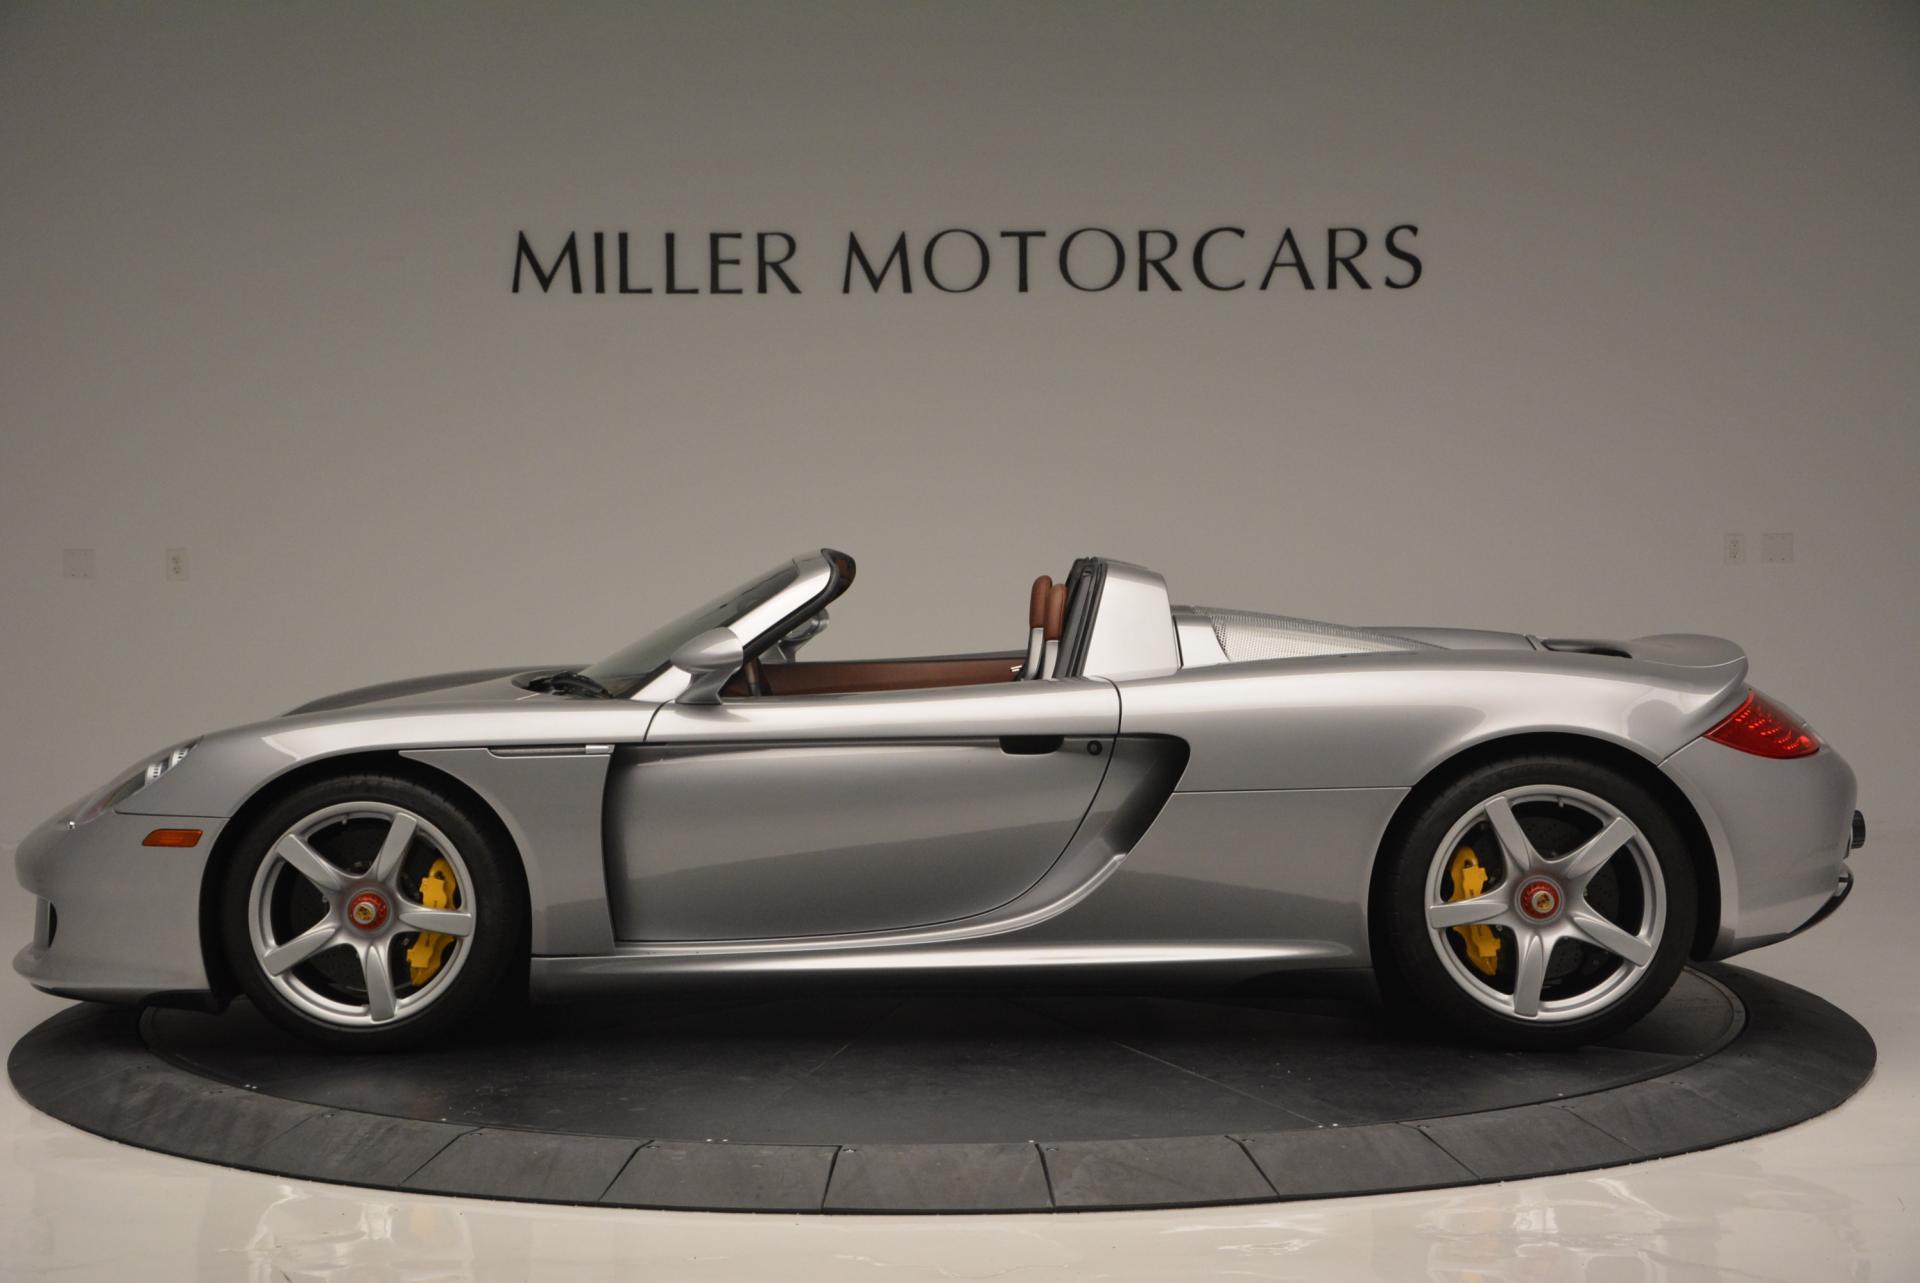 Used 2005 Porsche Carrera GT  For Sale In Greenwich, CT. Alfa Romeo of Greenwich, 7114 108_p4